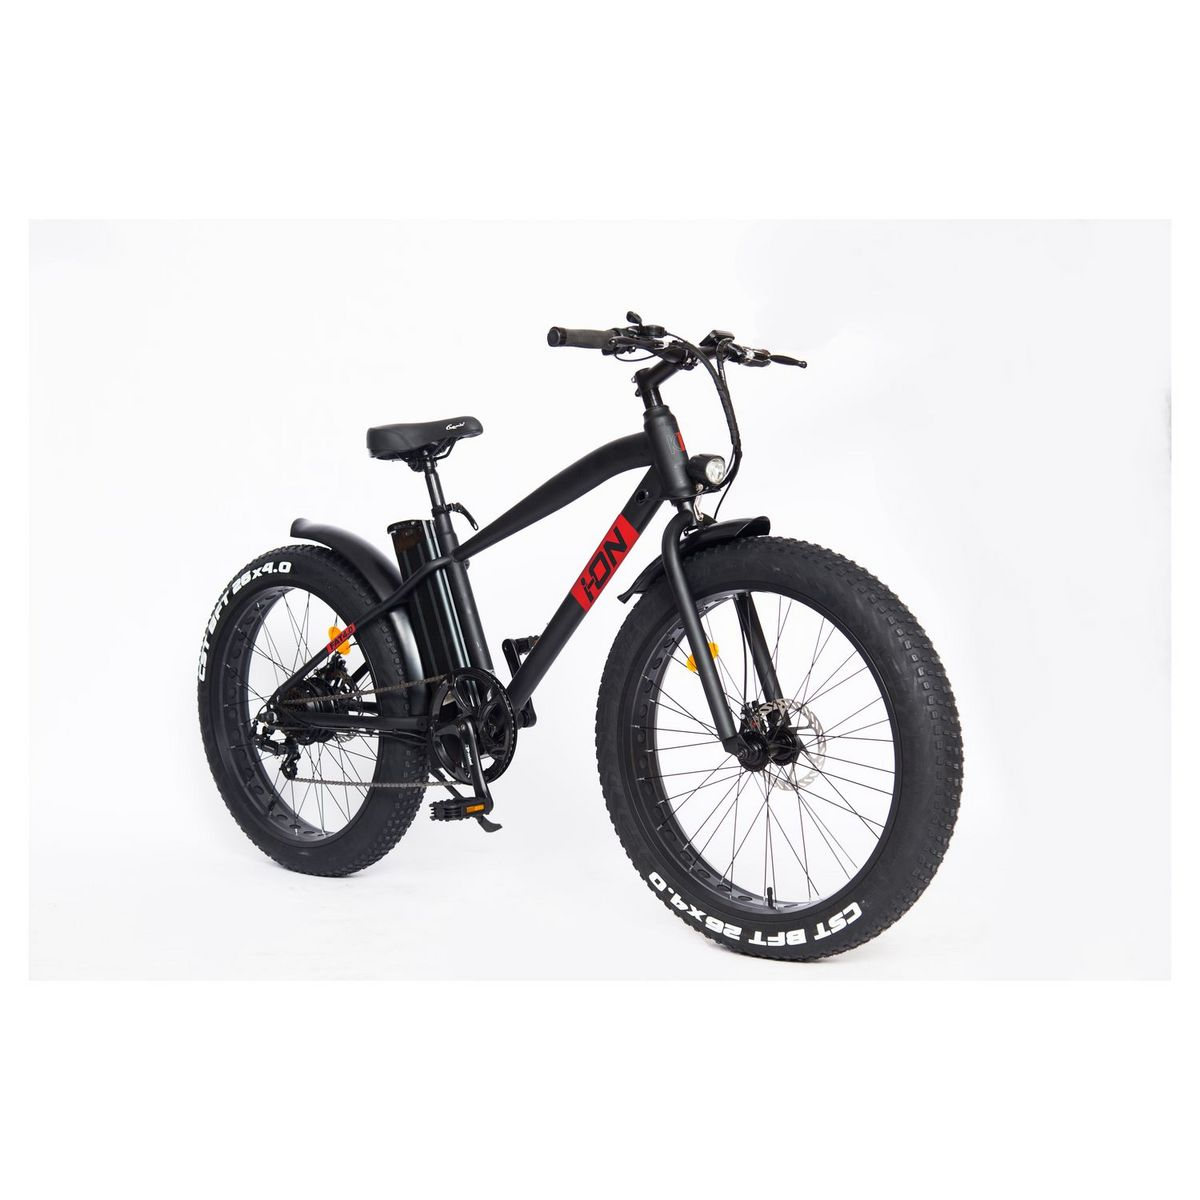 Vélo à assistance électrique - EBIKE FAT 26 - Noir